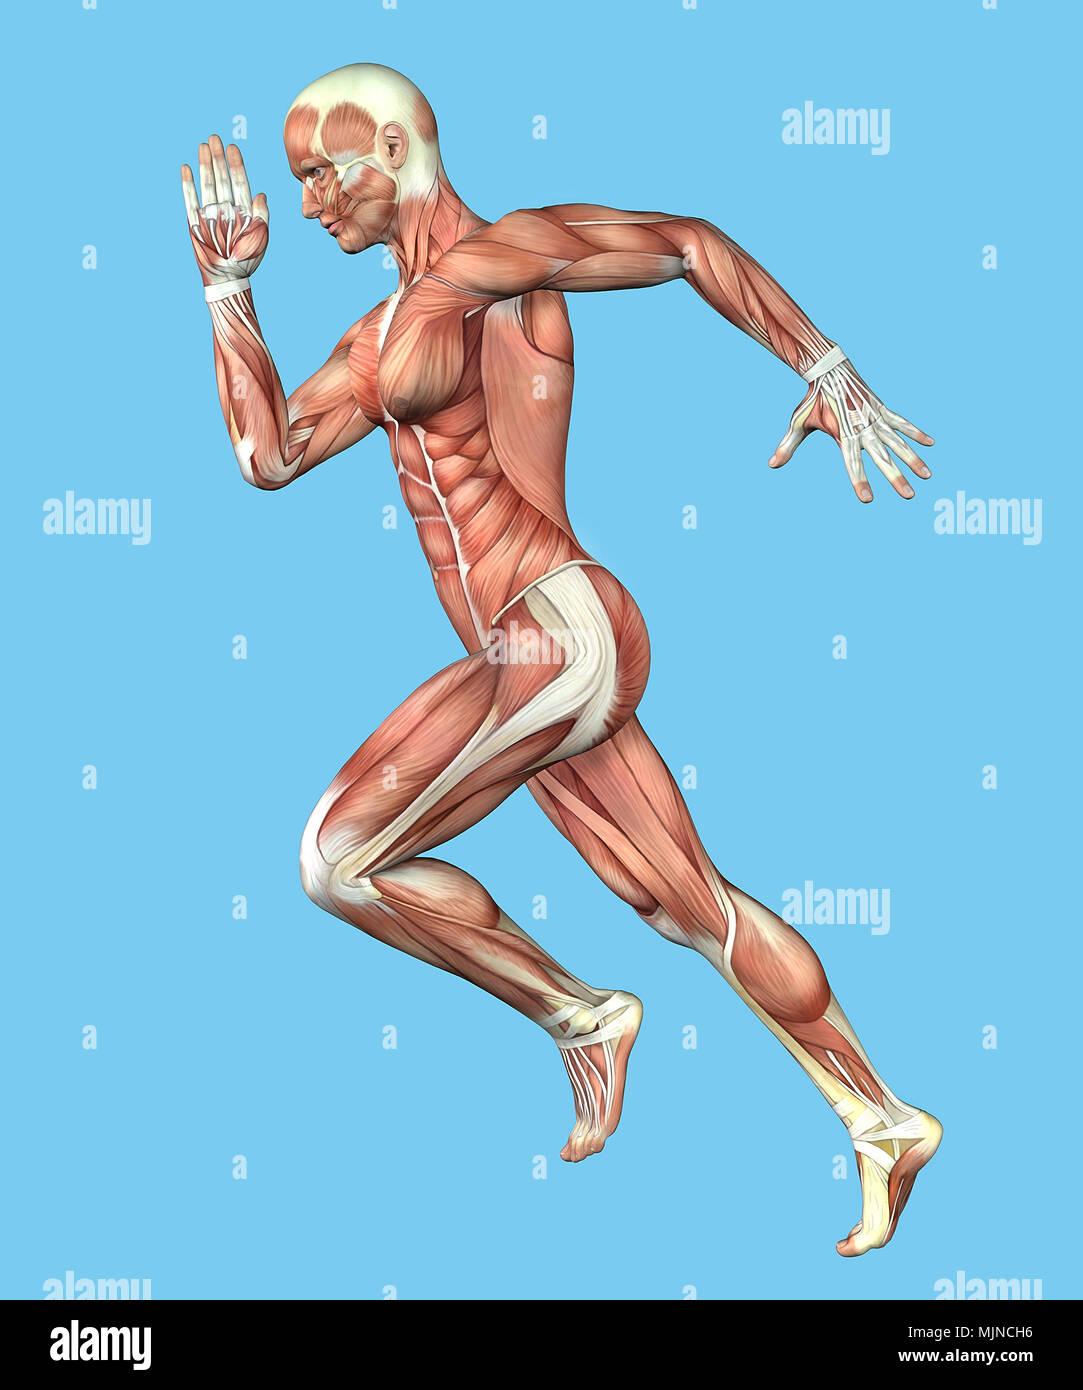 Muskel Anatomie der männlichen in Bewegung Stockfoto, Bild ...